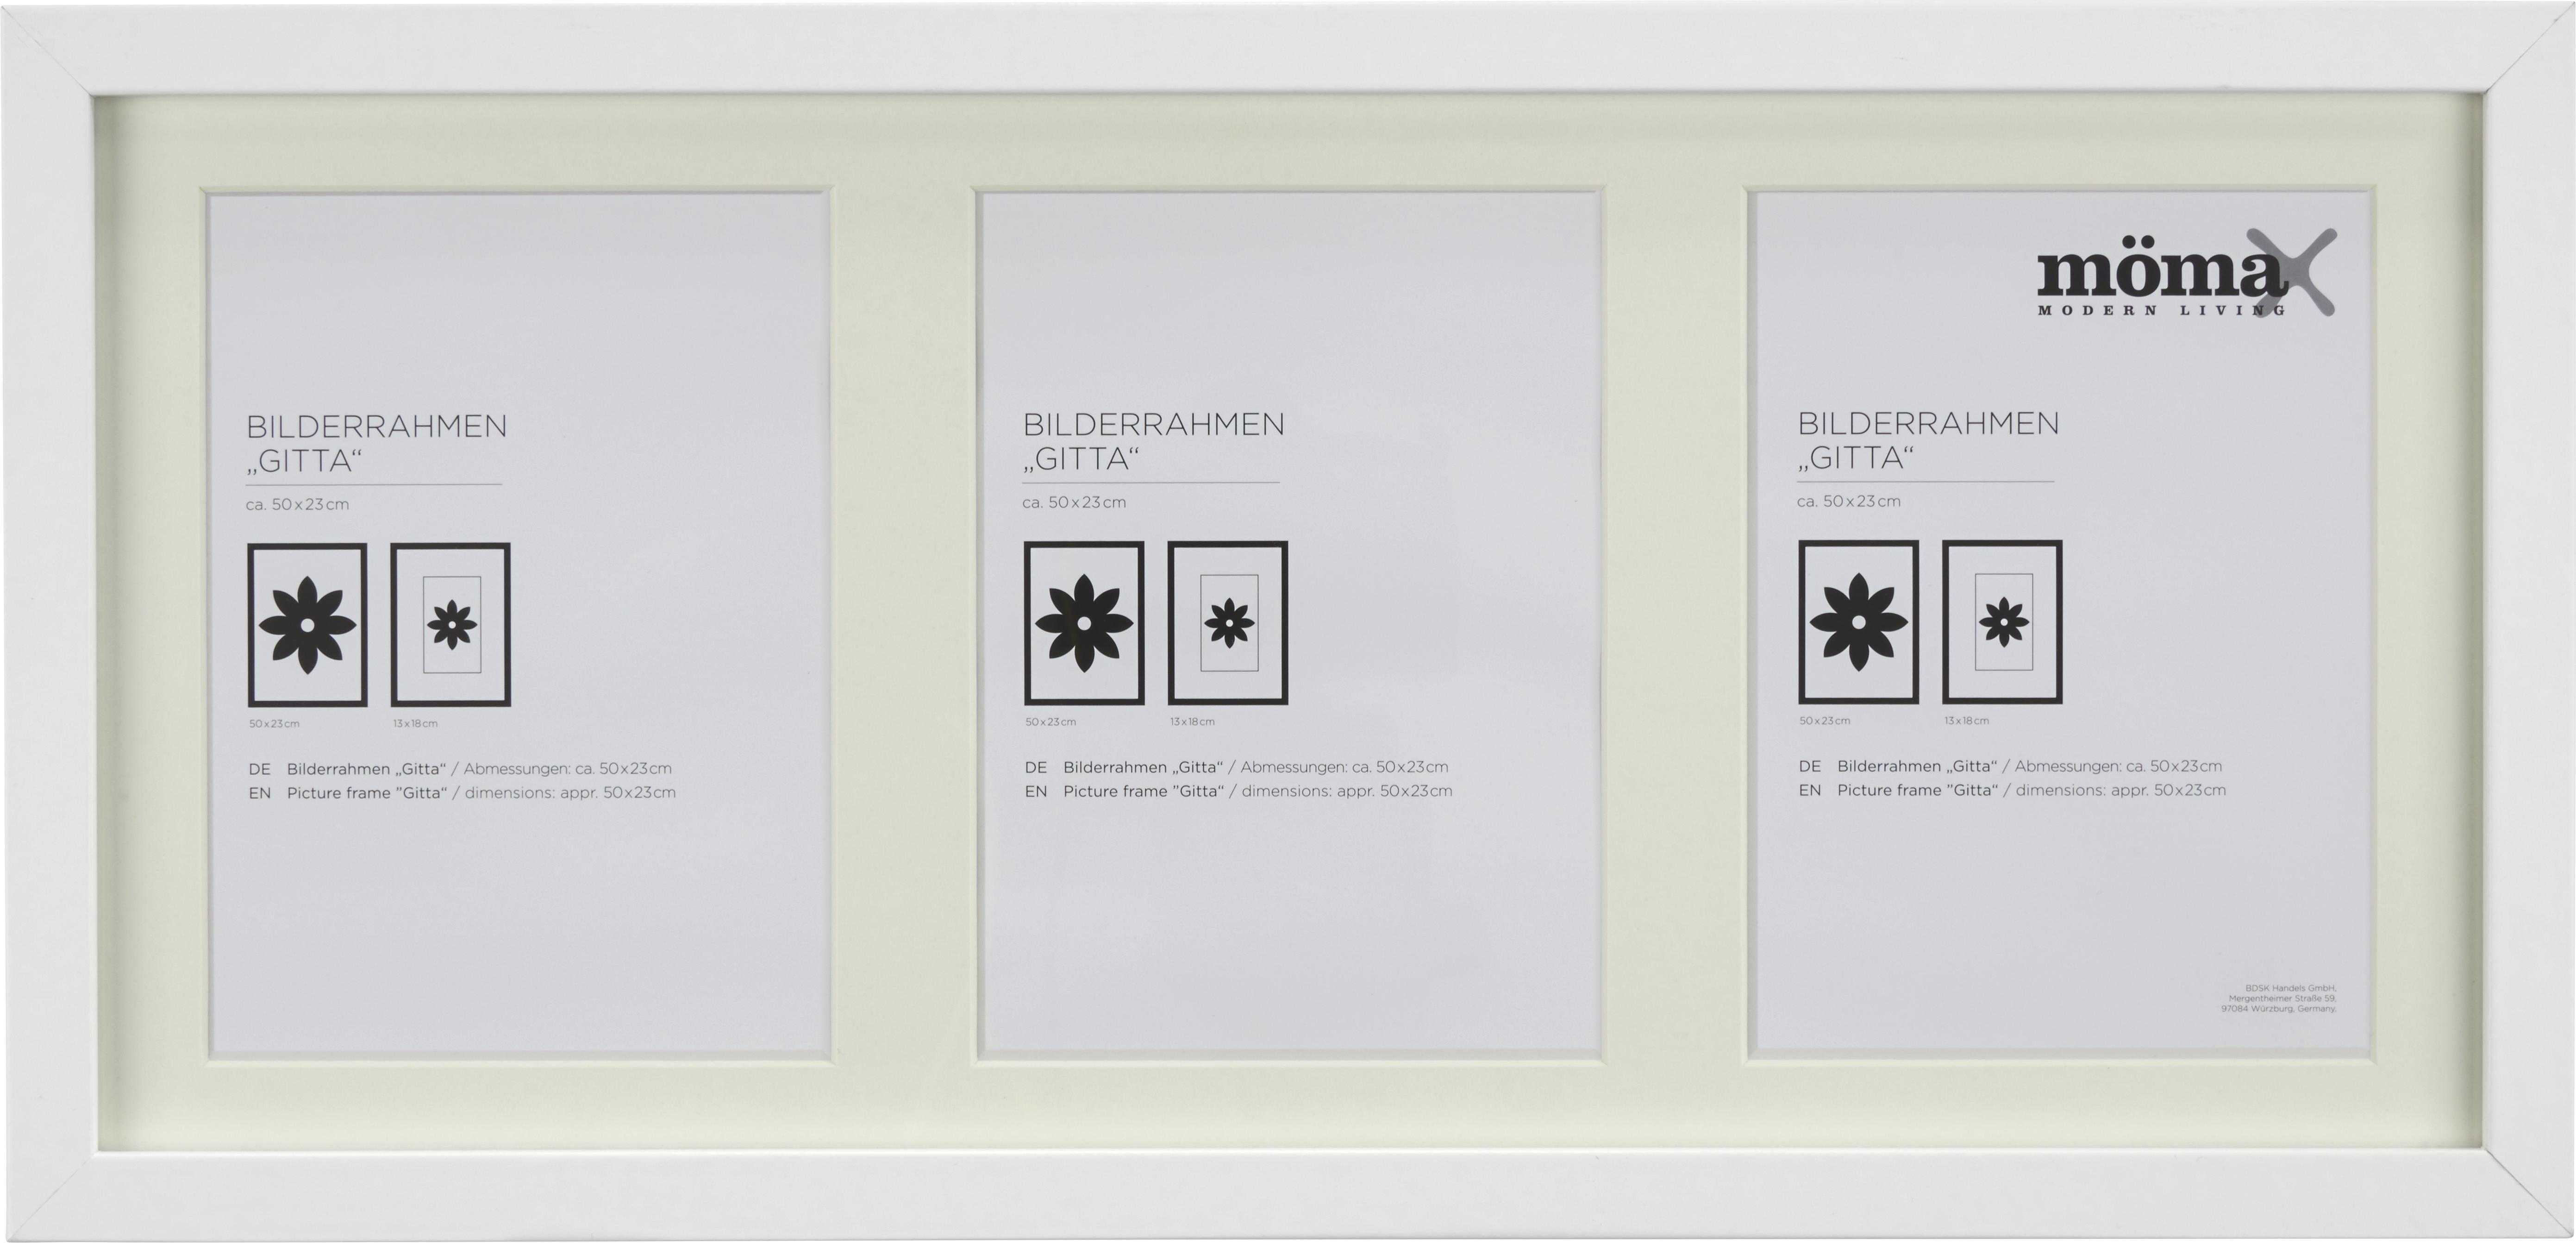 Bilderrahmen Gitta, ca. 23x50cm in Weiß online kaufen ➤ mömax